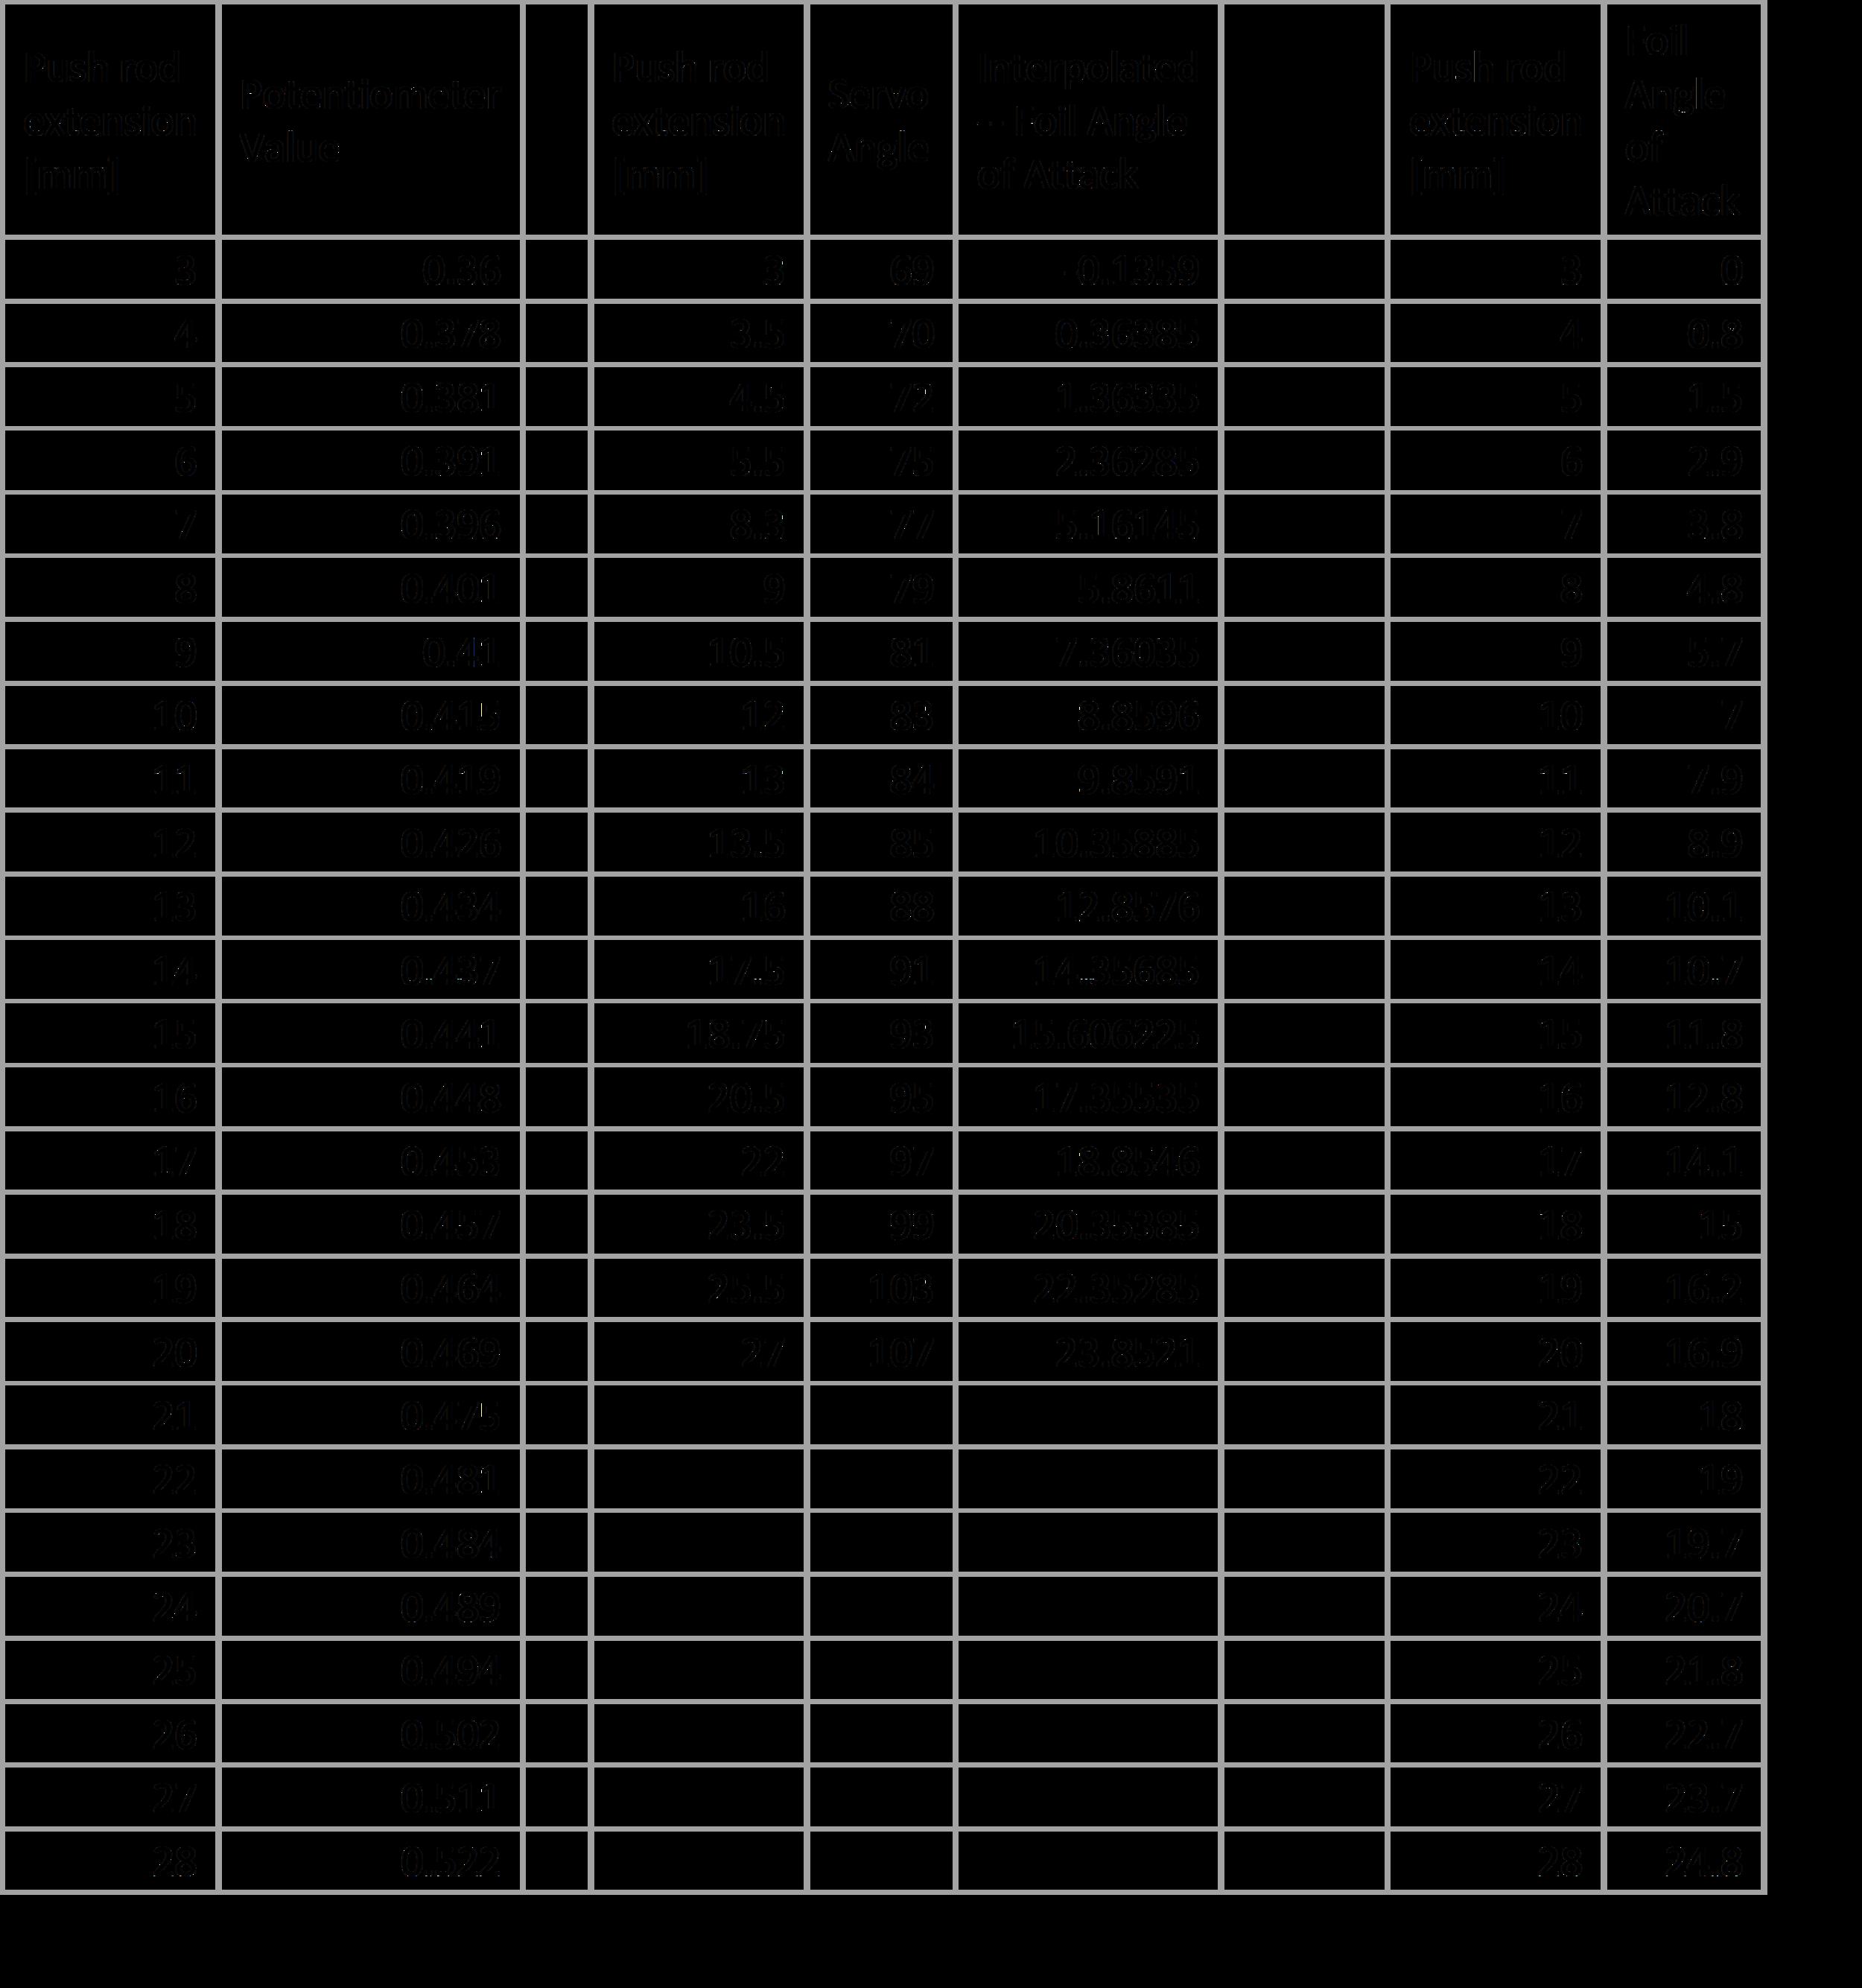 Flap_Calibrations.png